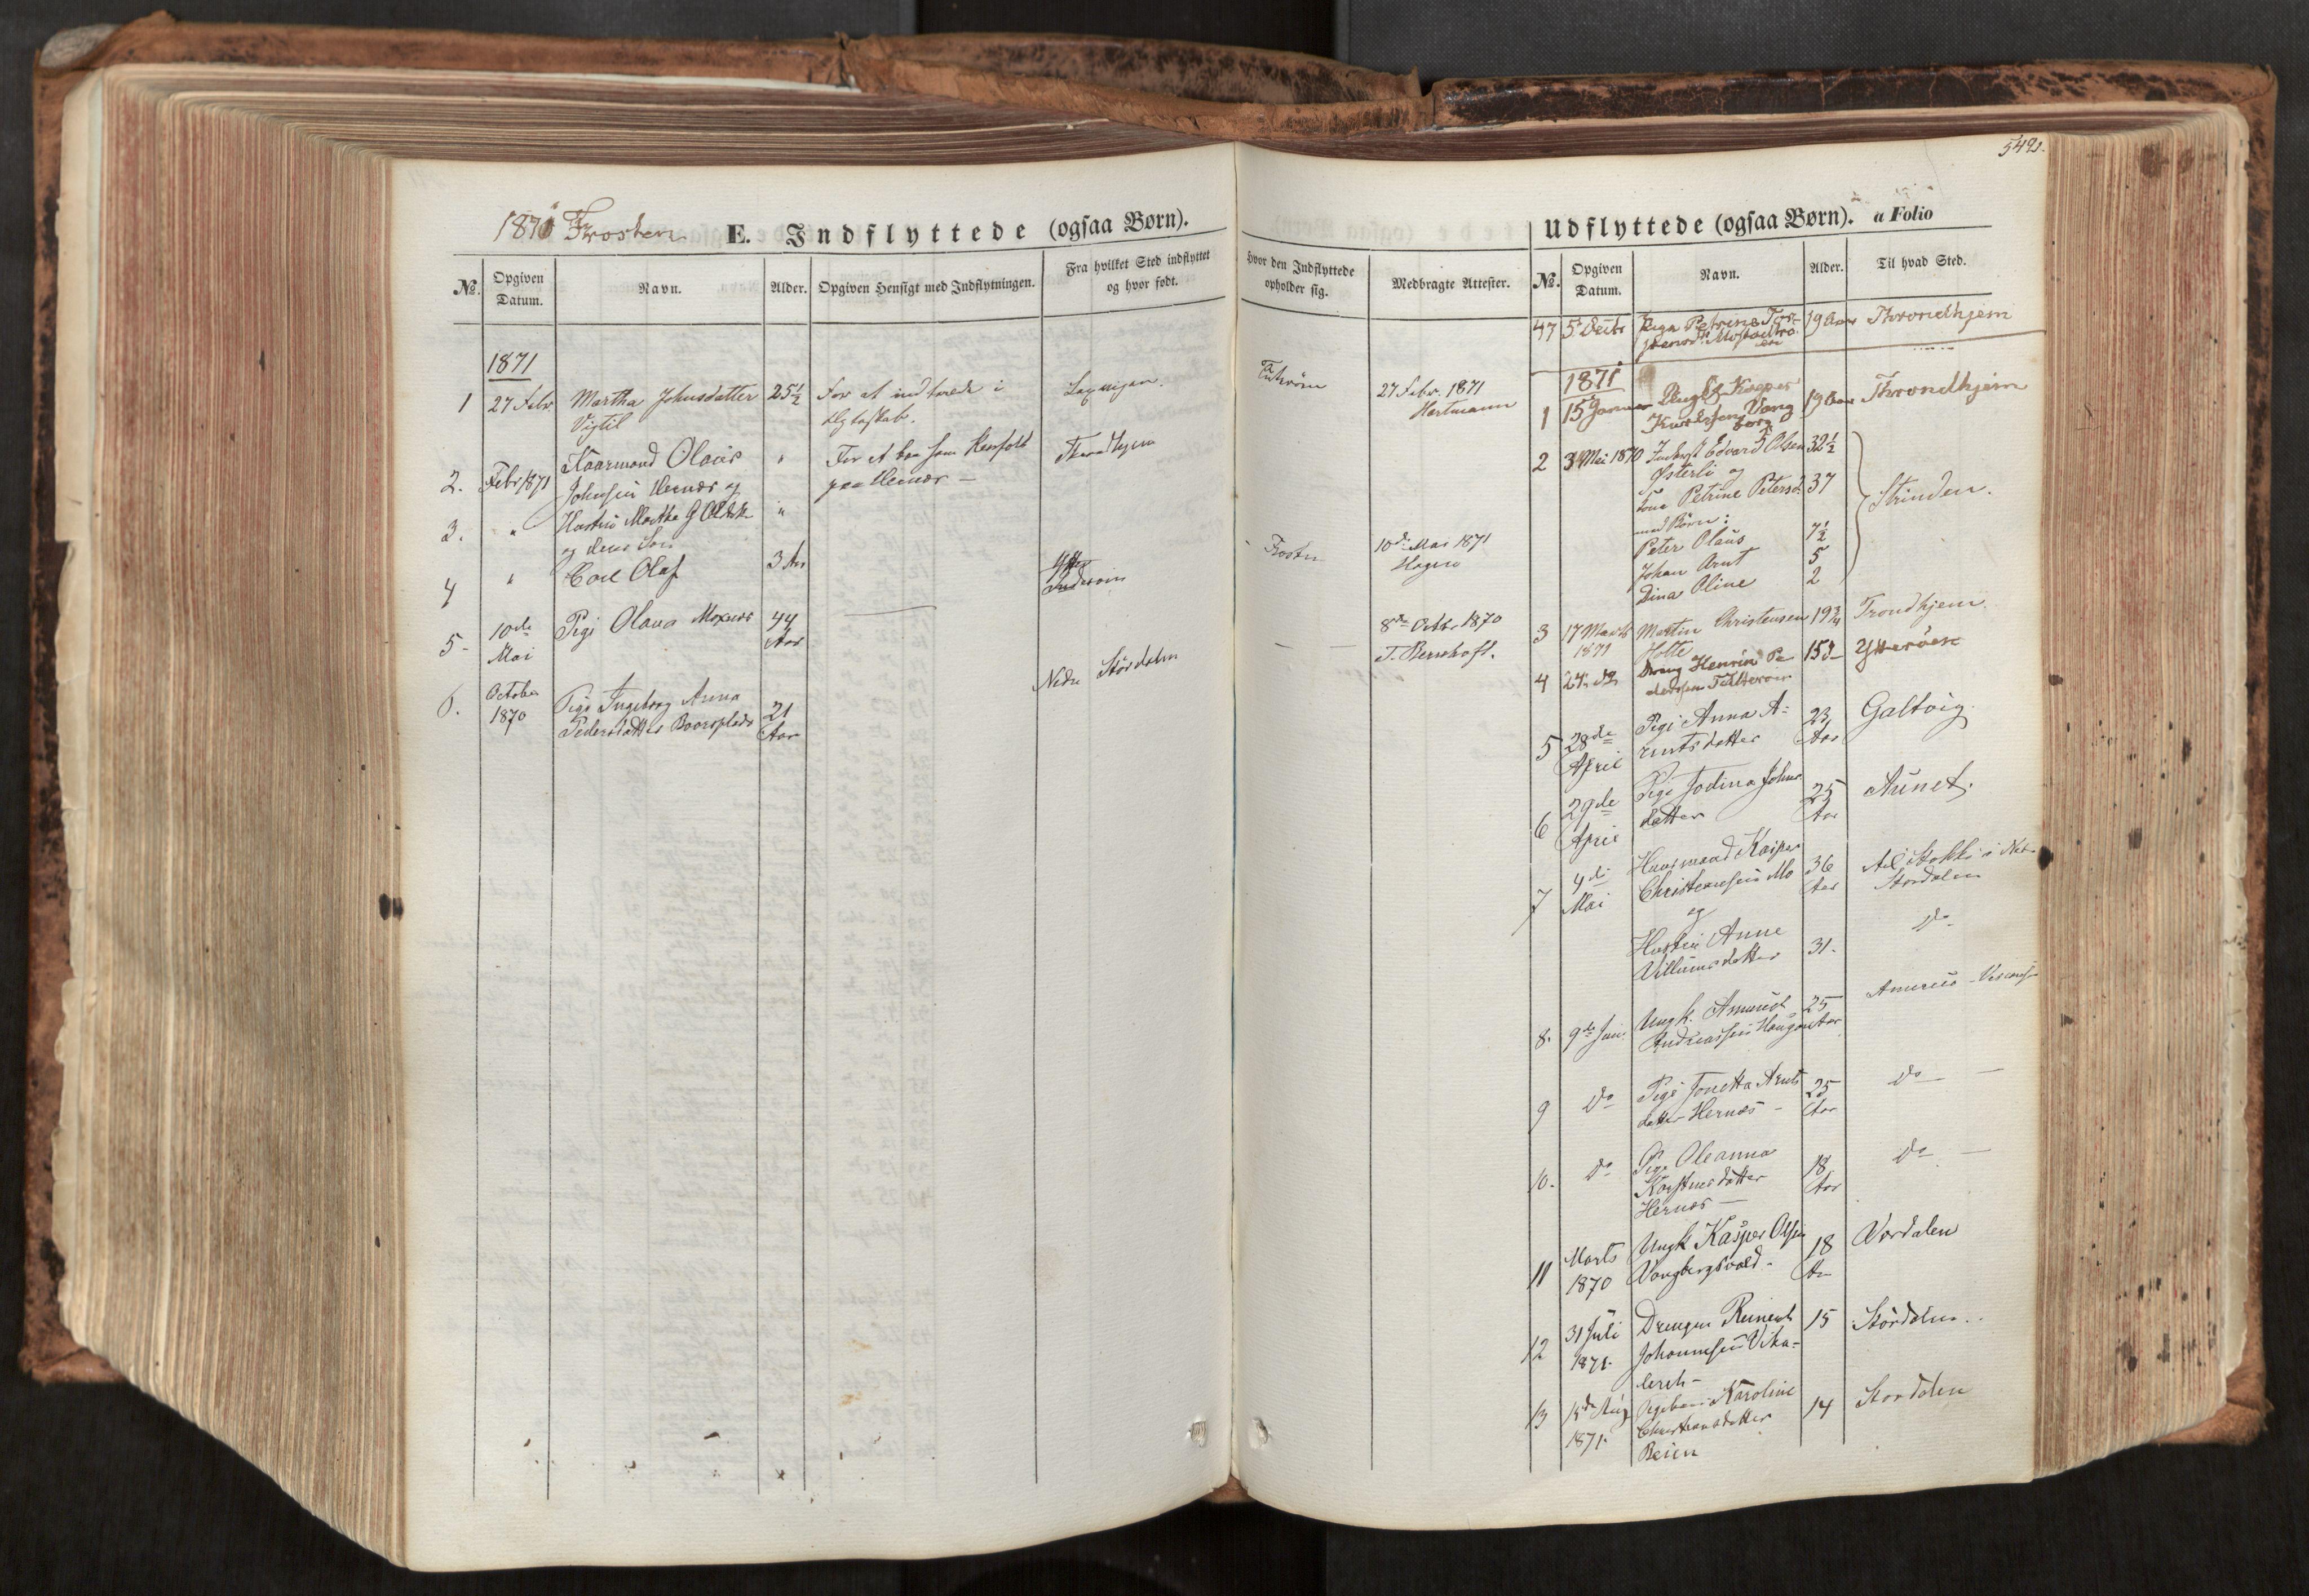 SAT, Ministerialprotokoller, klokkerbøker og fødselsregistre - Nord-Trøndelag, 713/L0116: Ministerialbok nr. 713A07, 1850-1877, s. 542